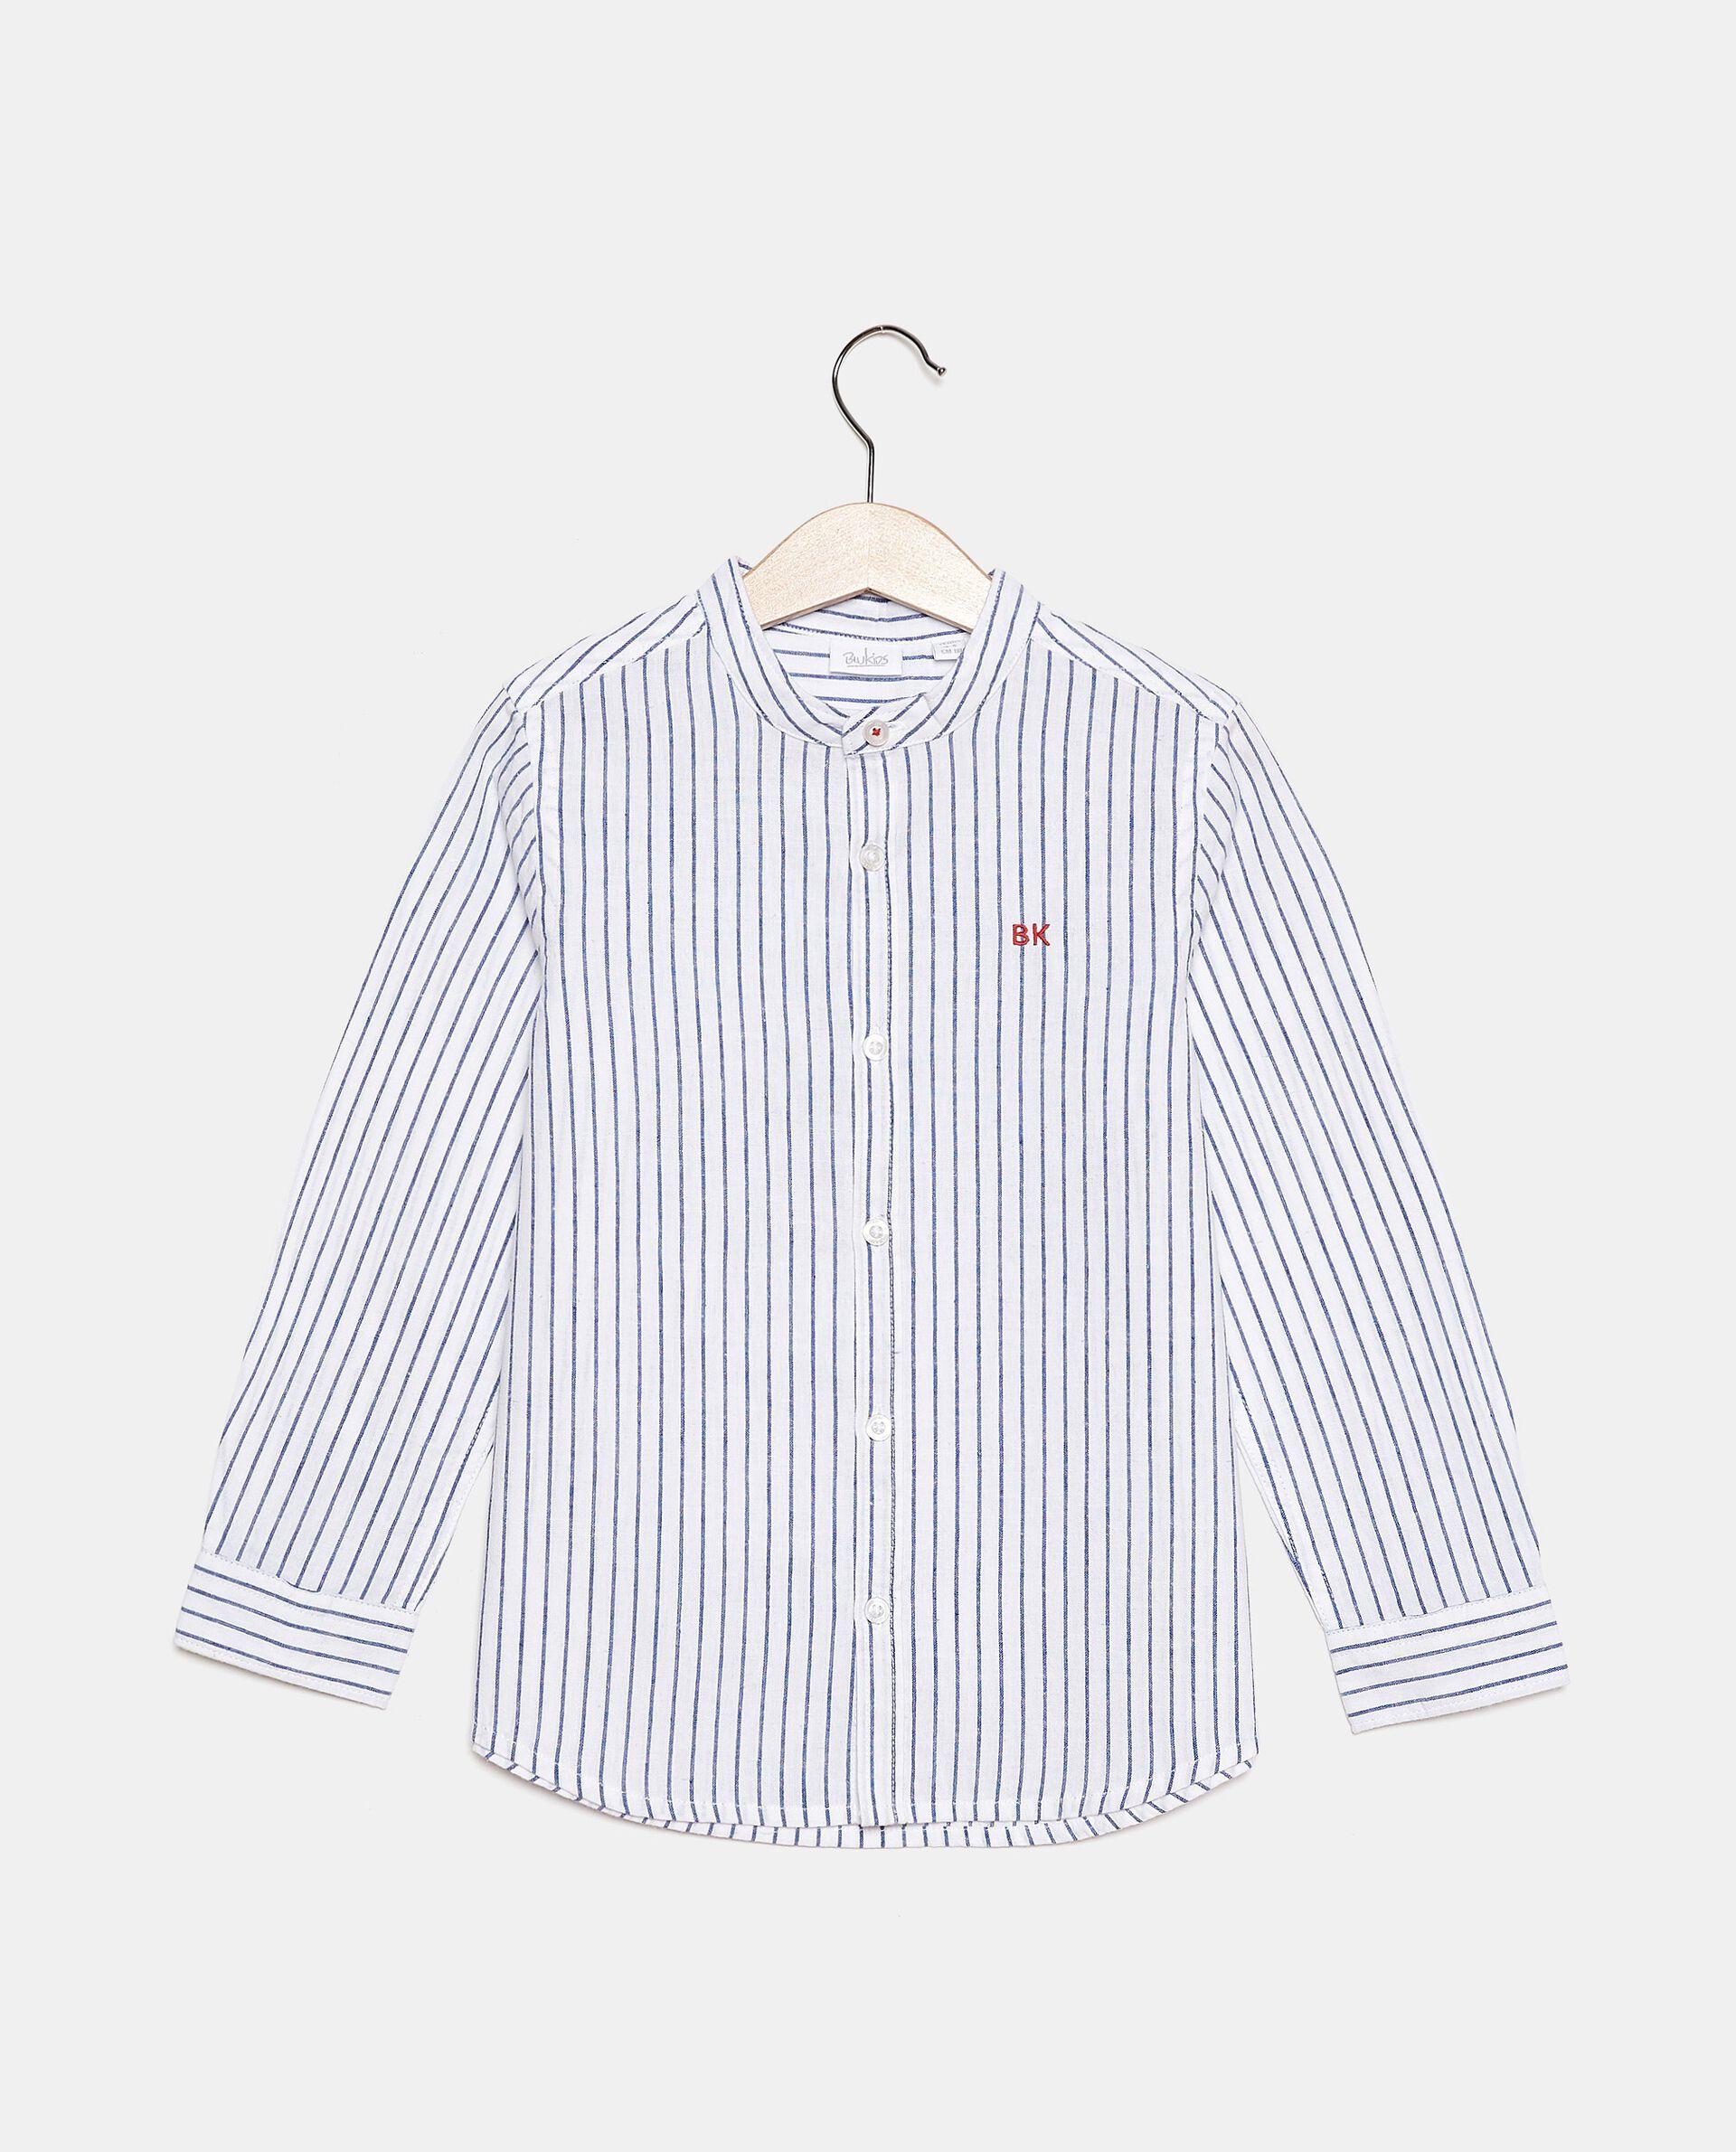 Camicia rigata in cotone misto lino bambino